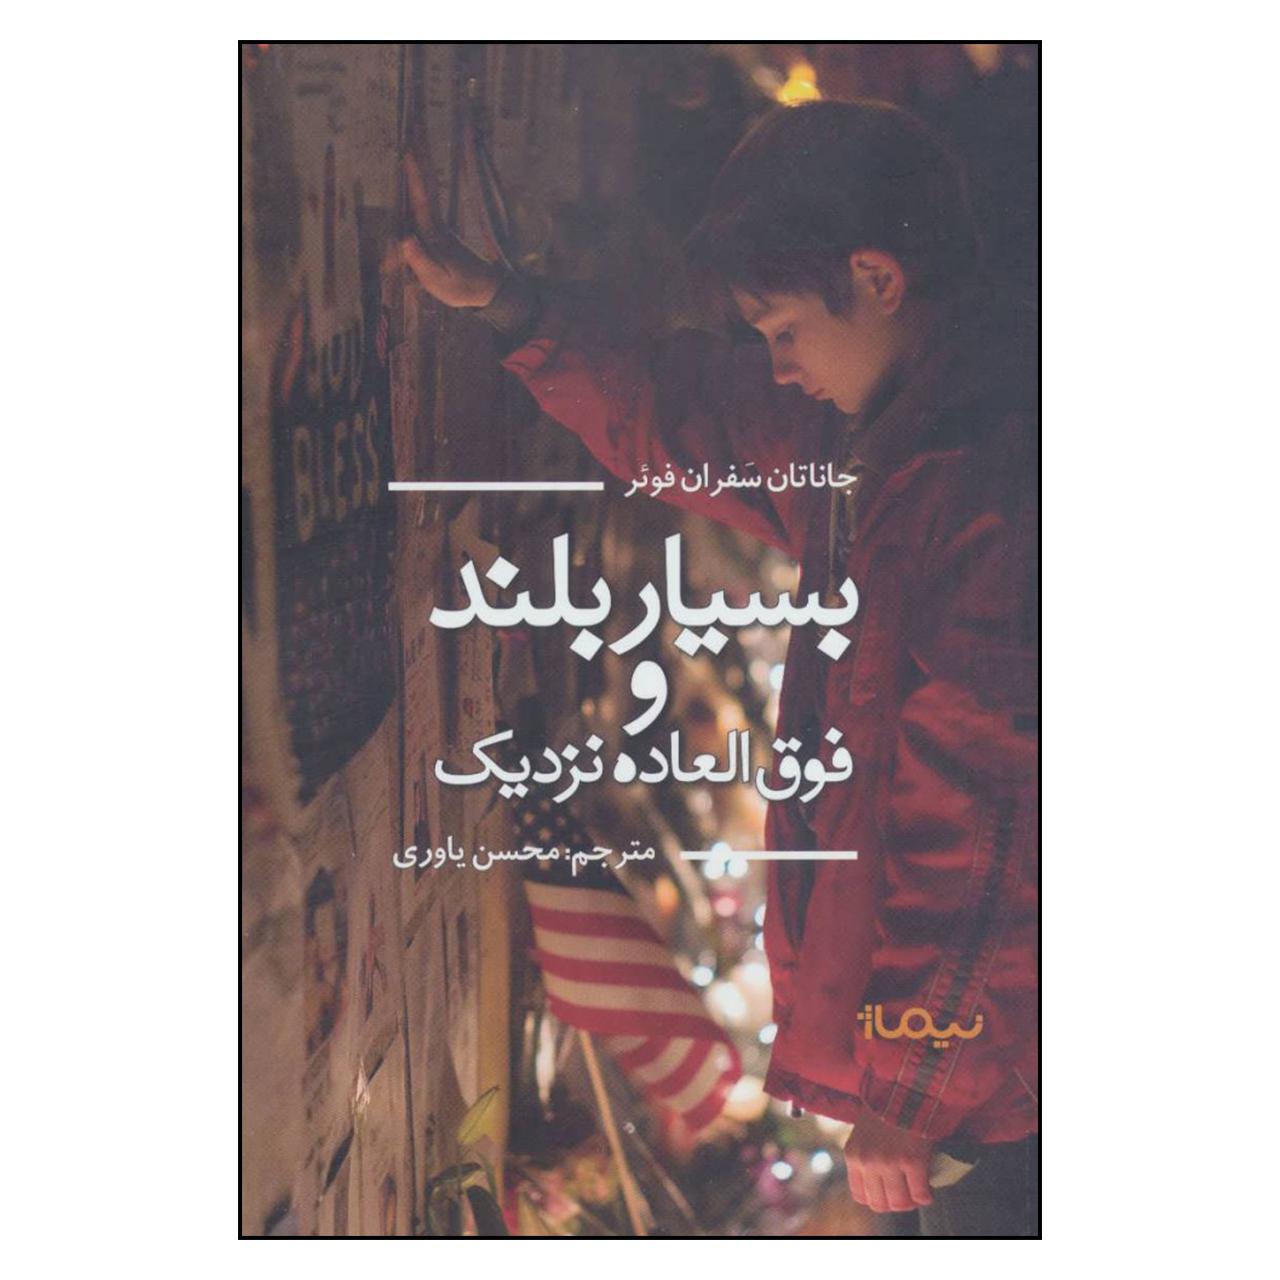 کتاب بسیار بلند و فوق العاده نزدیک اثر جاناتان سفران فوئر نشر نیماژ